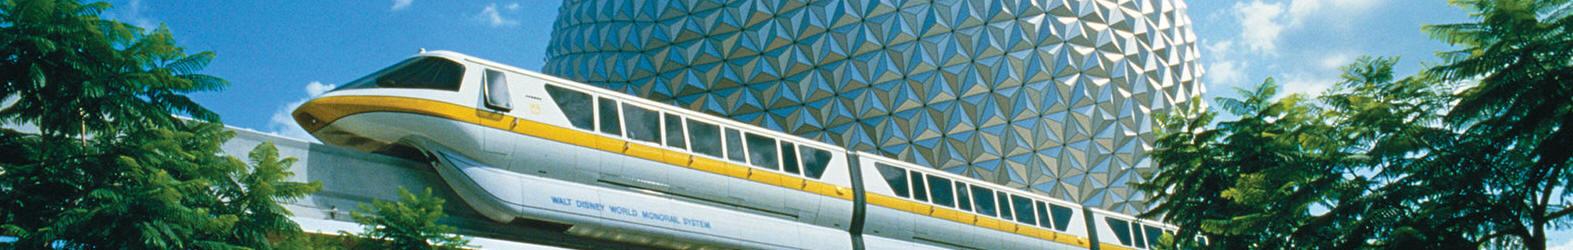 Boule d'Epcot qui est devenue son symbole officiel